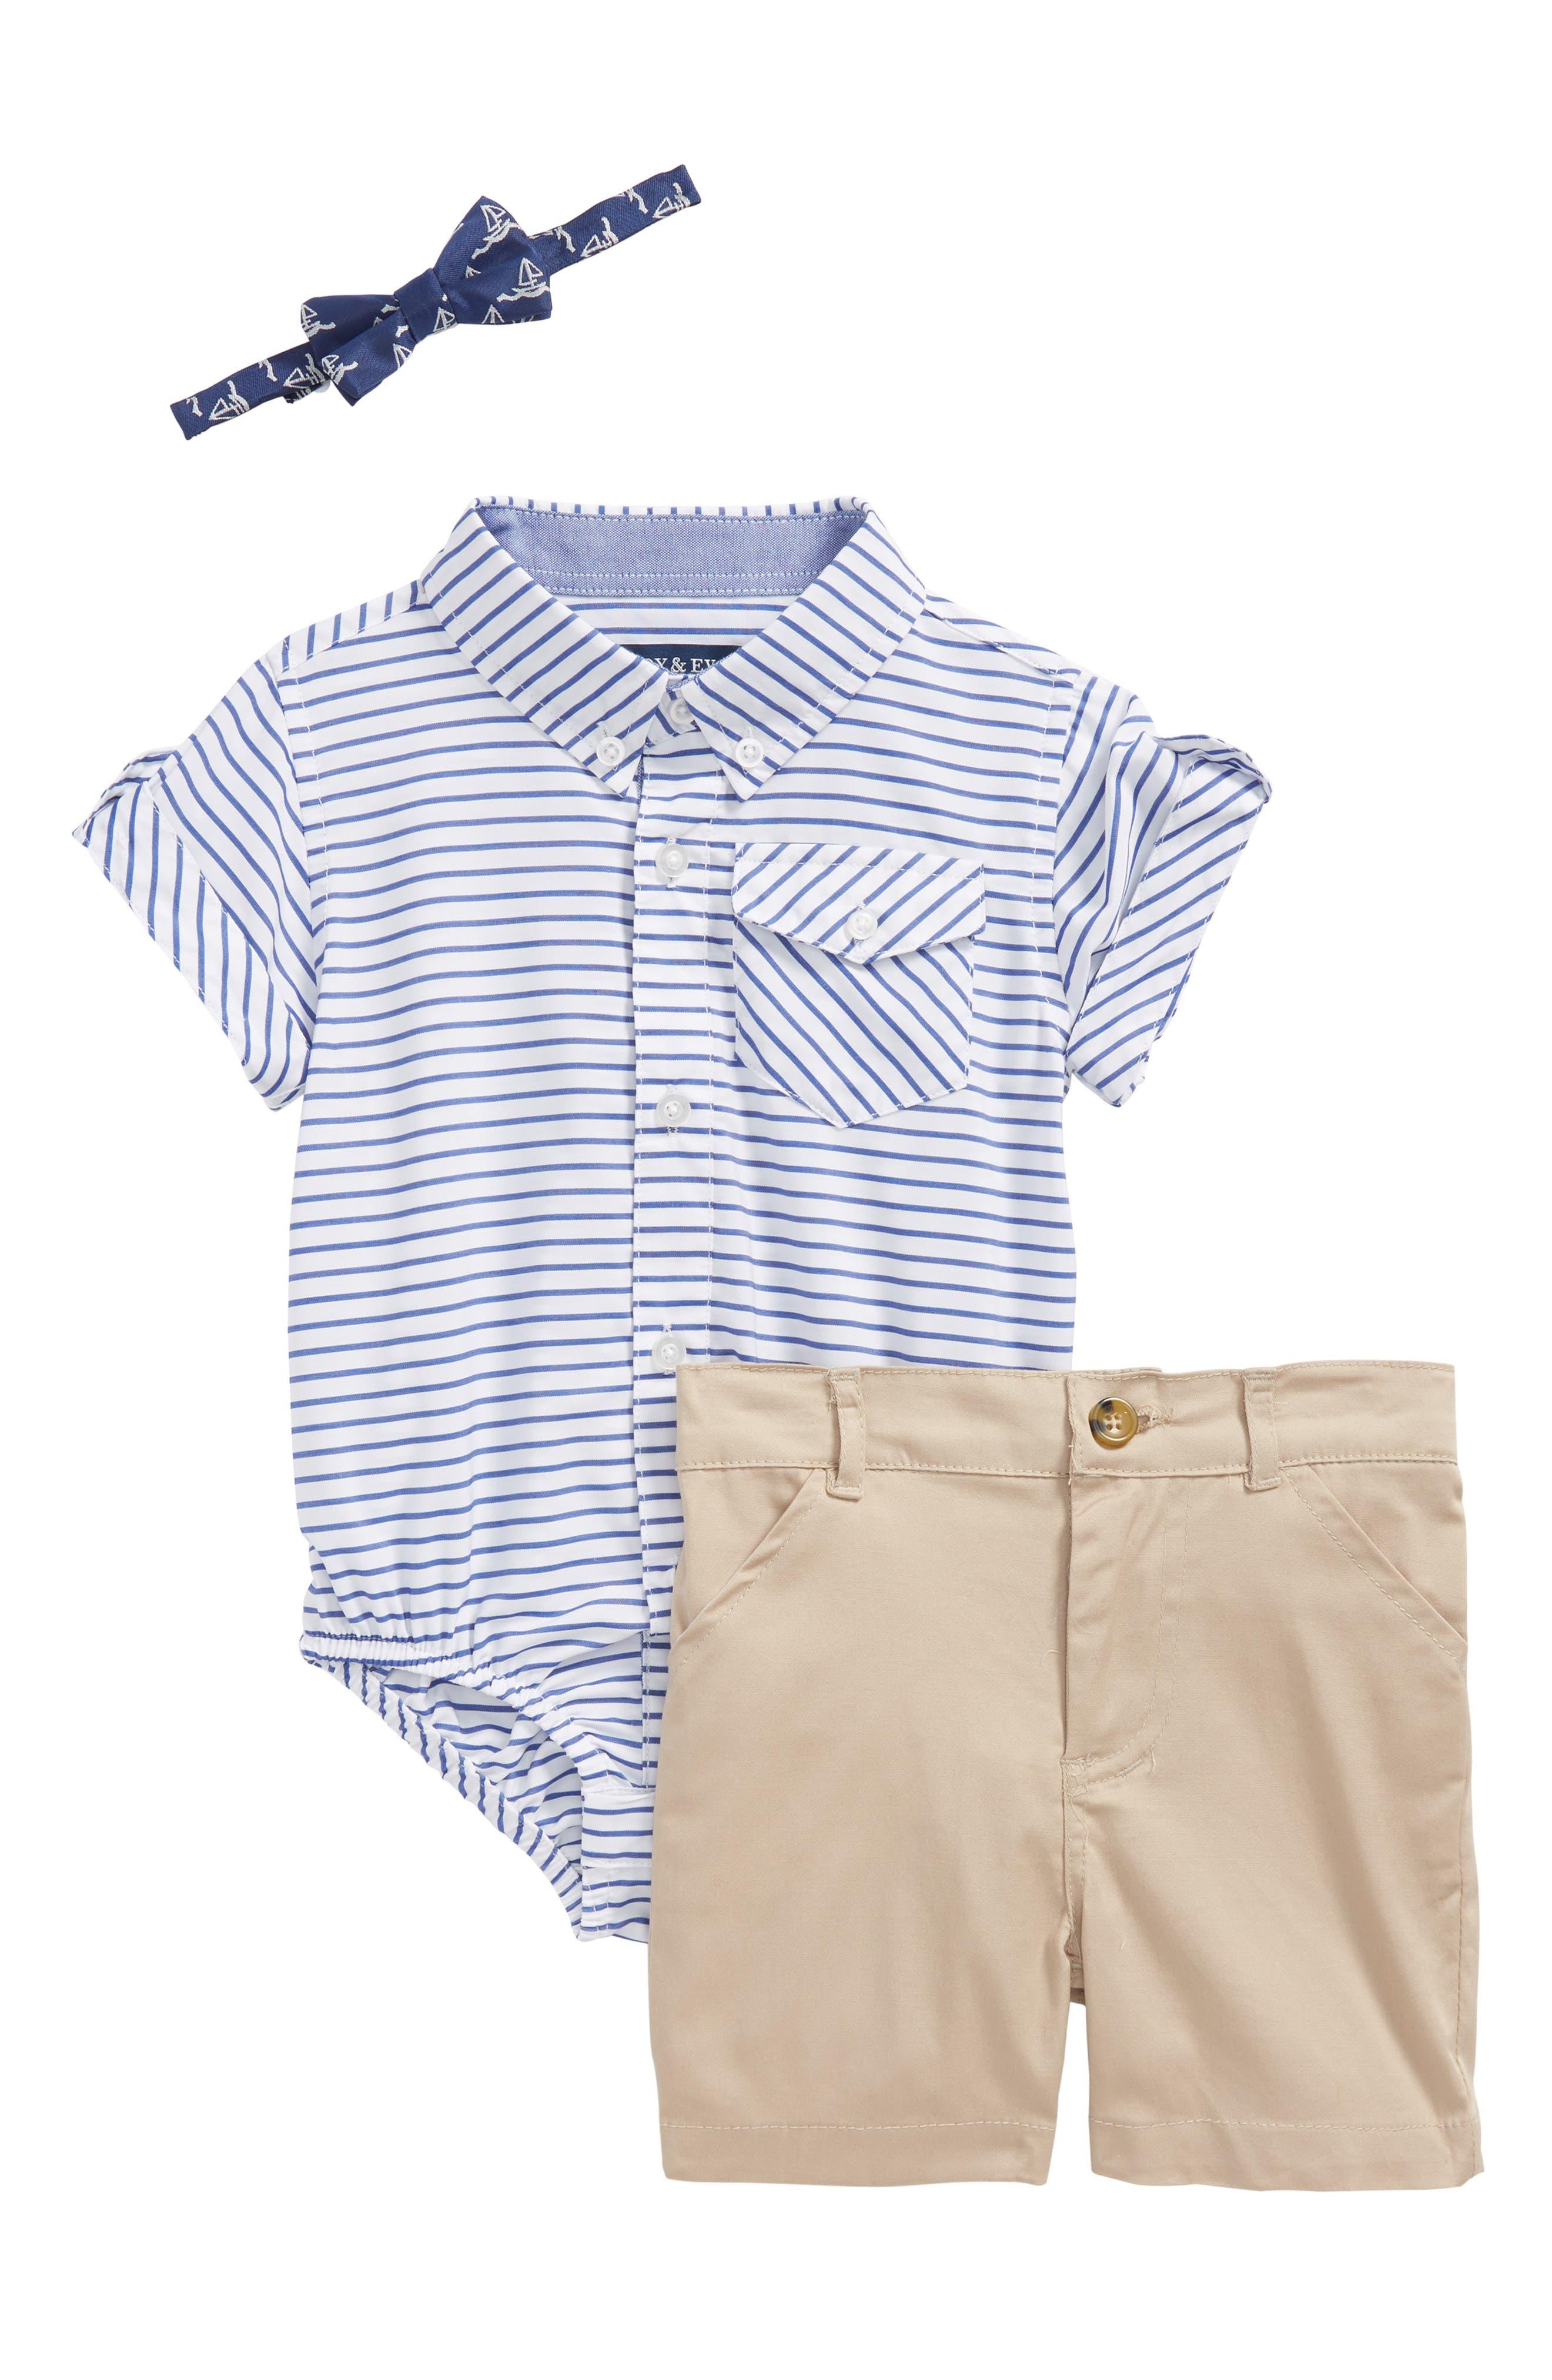 Shirtzie, Bow Tie & Shorts Set,                             Main thumbnail 1, color,